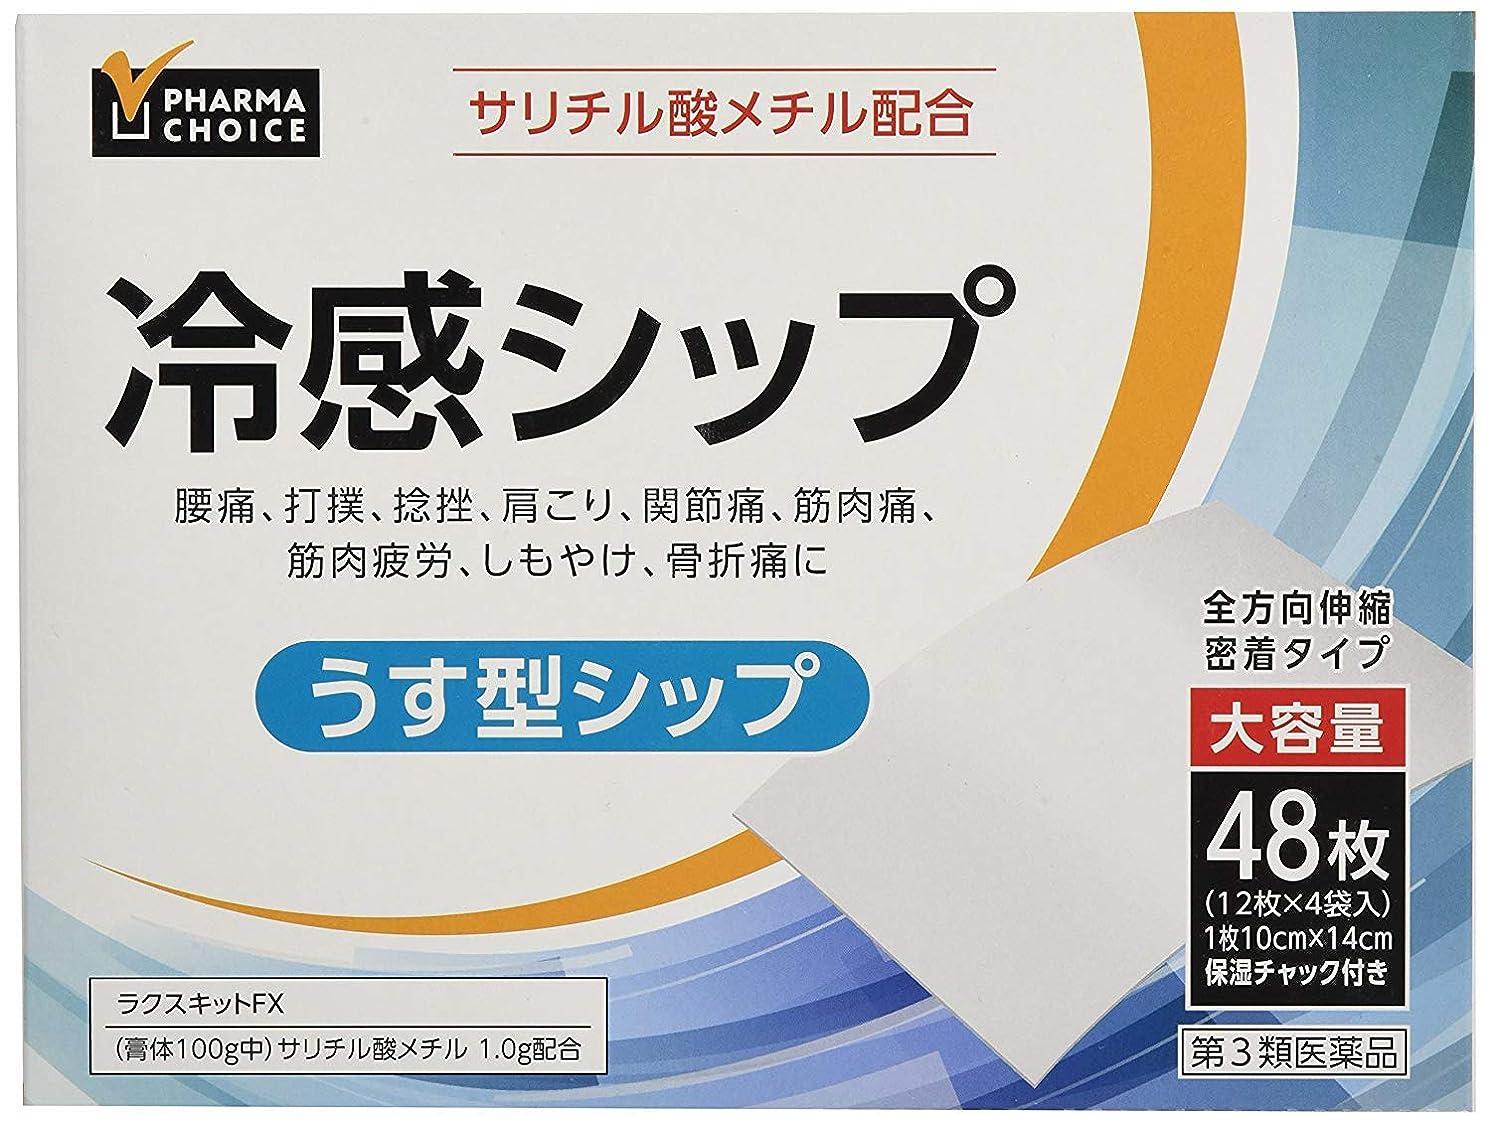 ショッピングセンター視力マティス[Amazon限定ブランド]【第3類医薬品】PHARMA CHOICE 冷感シップ ラクスキットFX 48枚